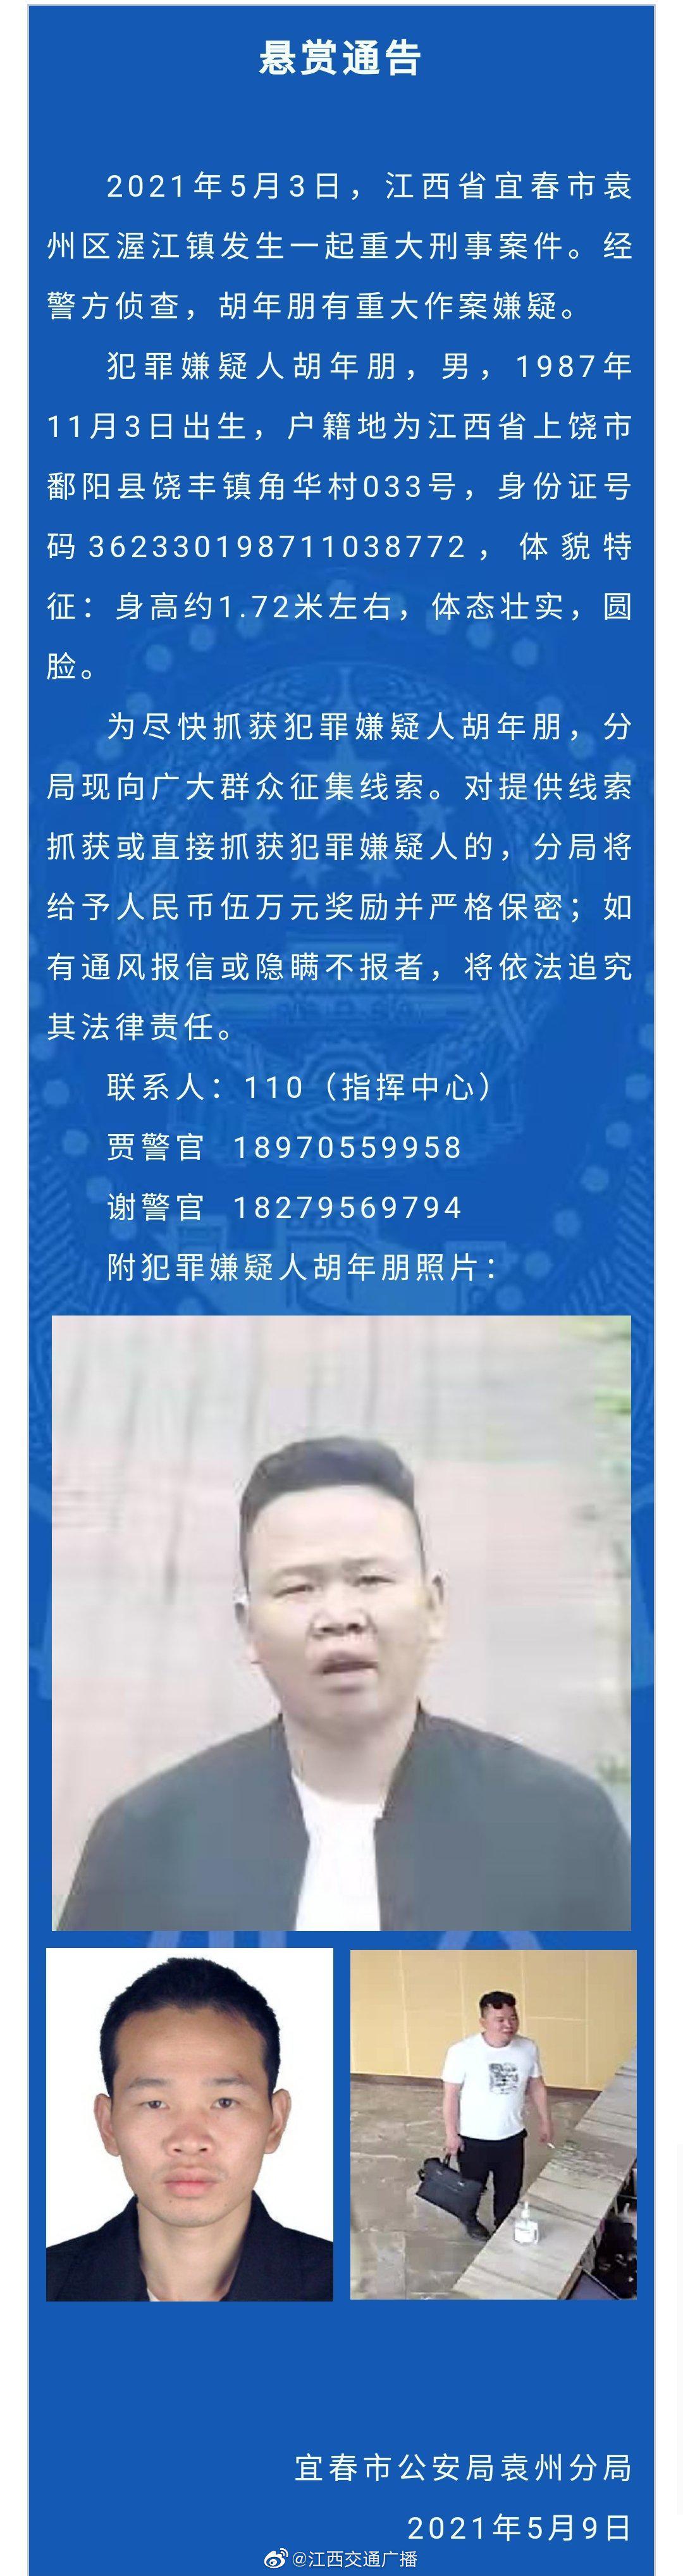 江西一地发生重大刑事案件 警方发布悬赏通告